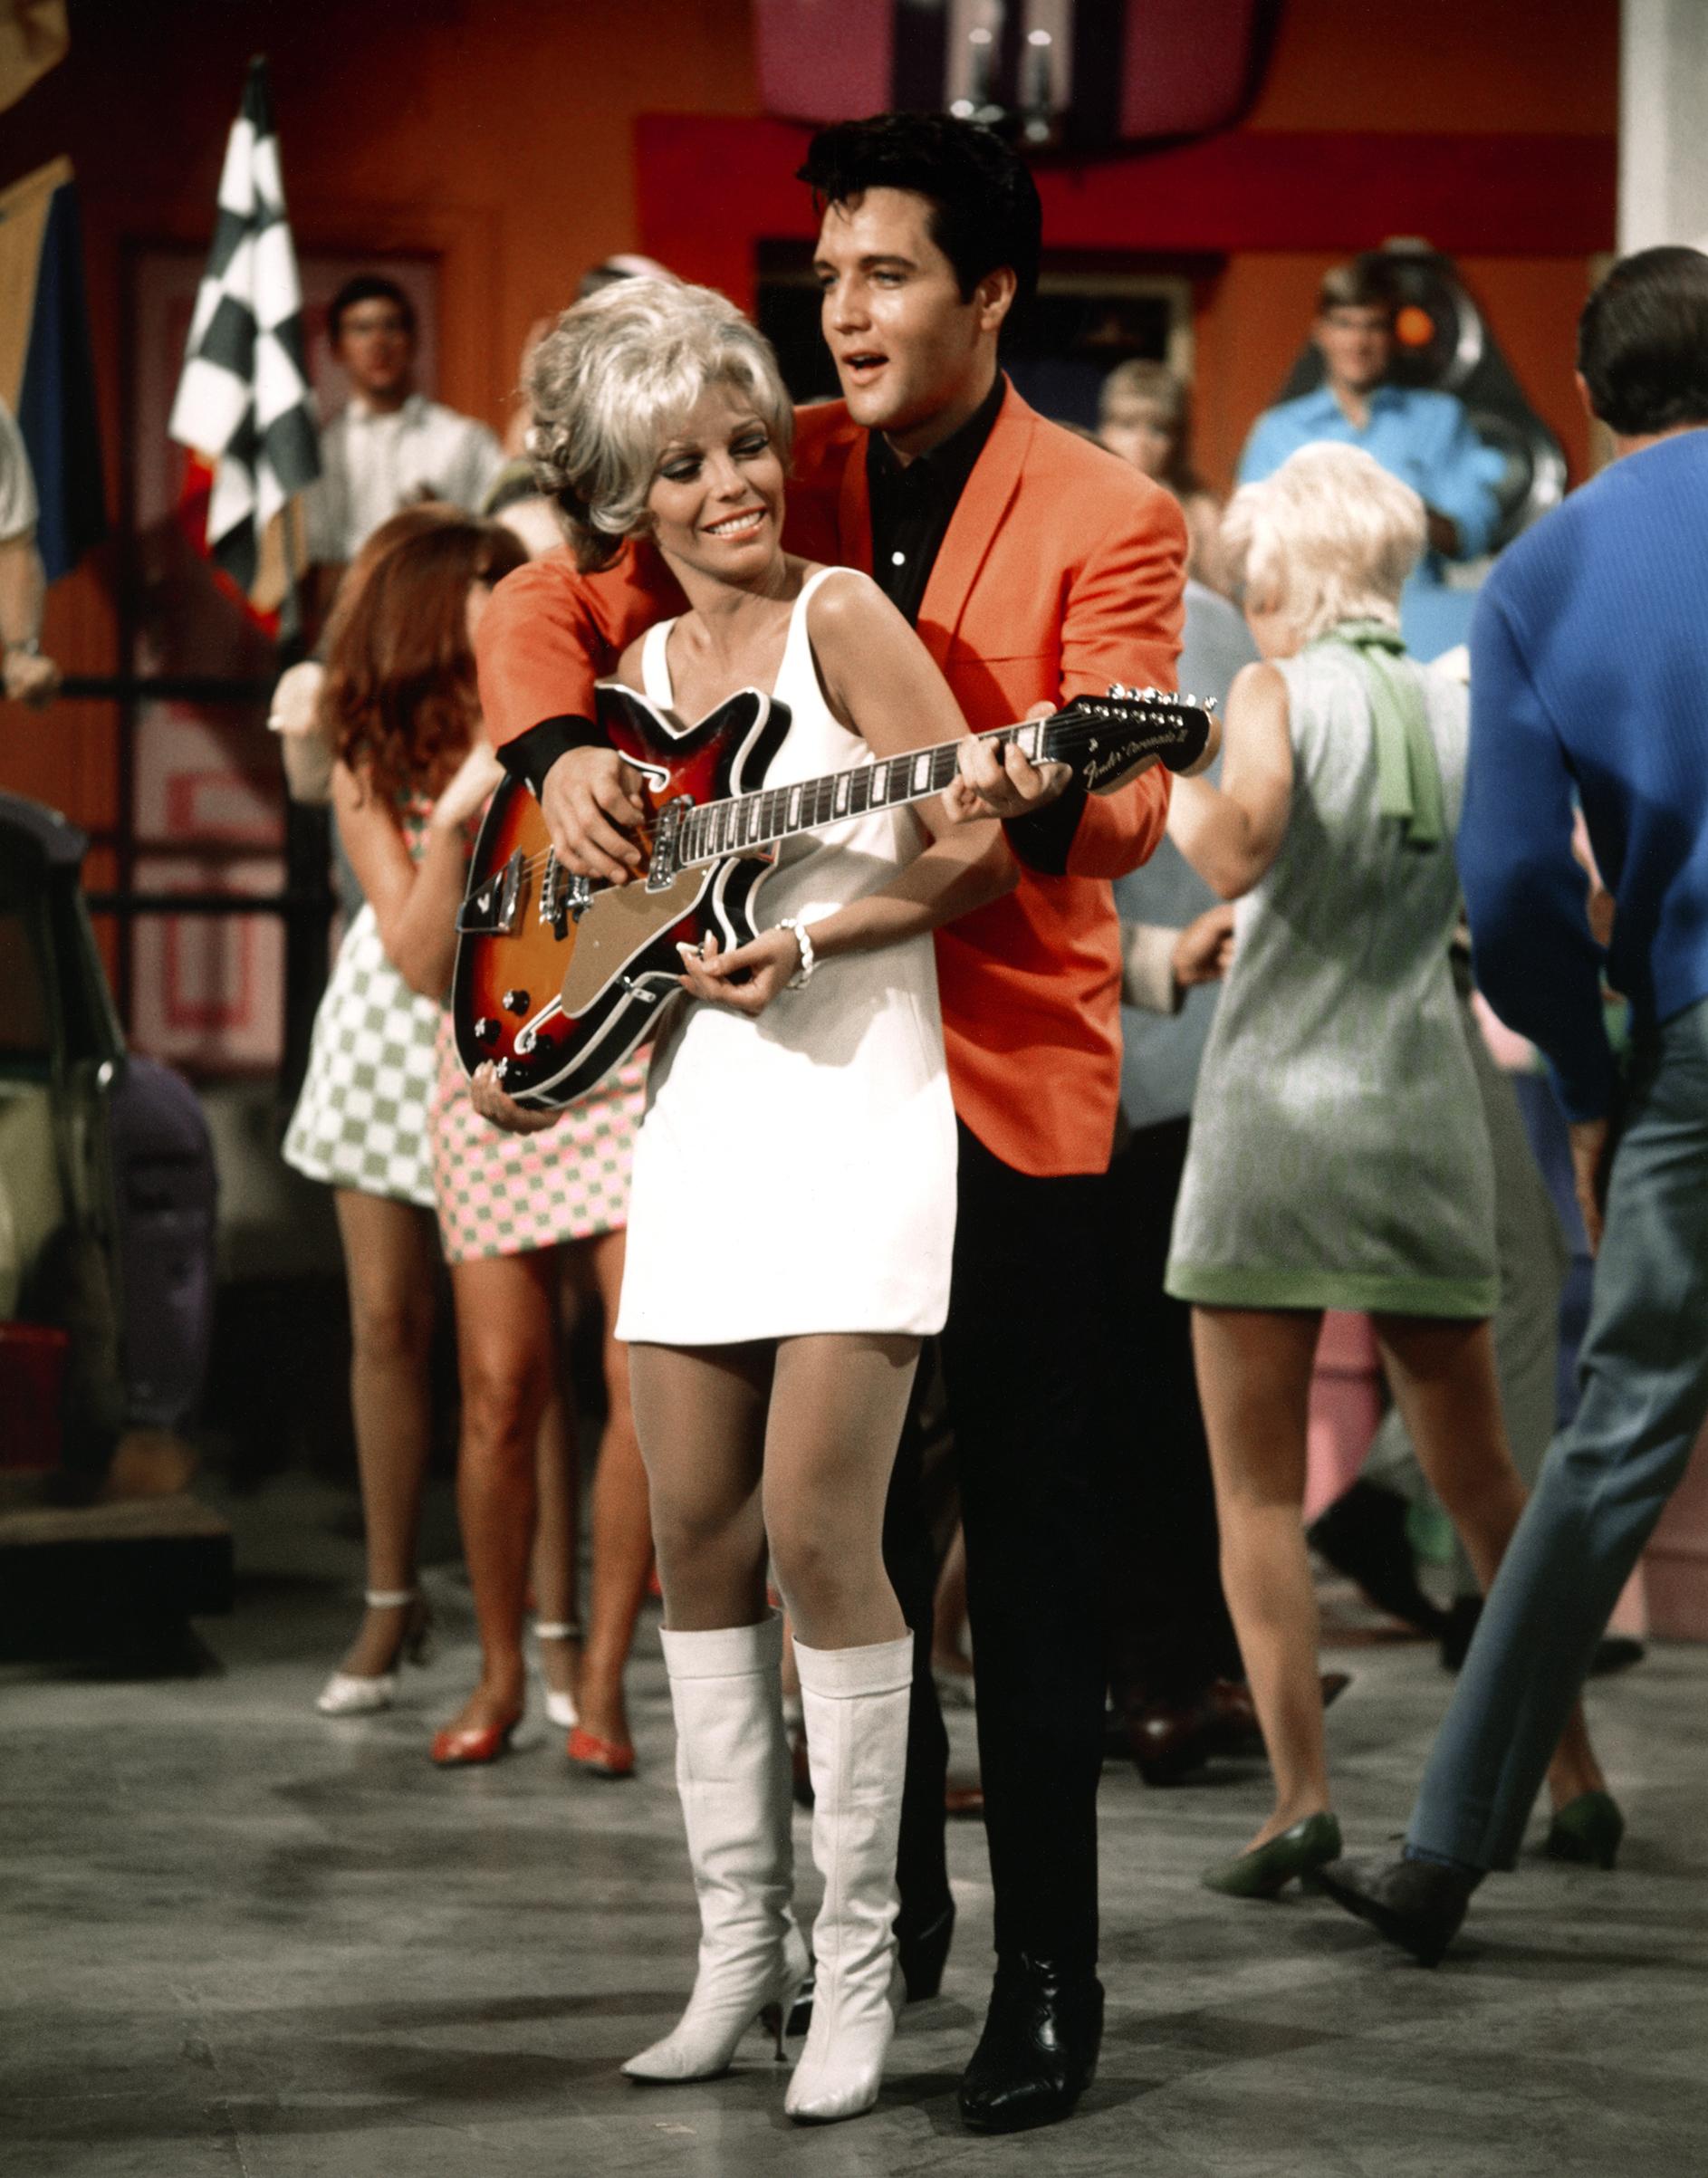 Speedway : 1968, Elvis and Nancy Sinatra.